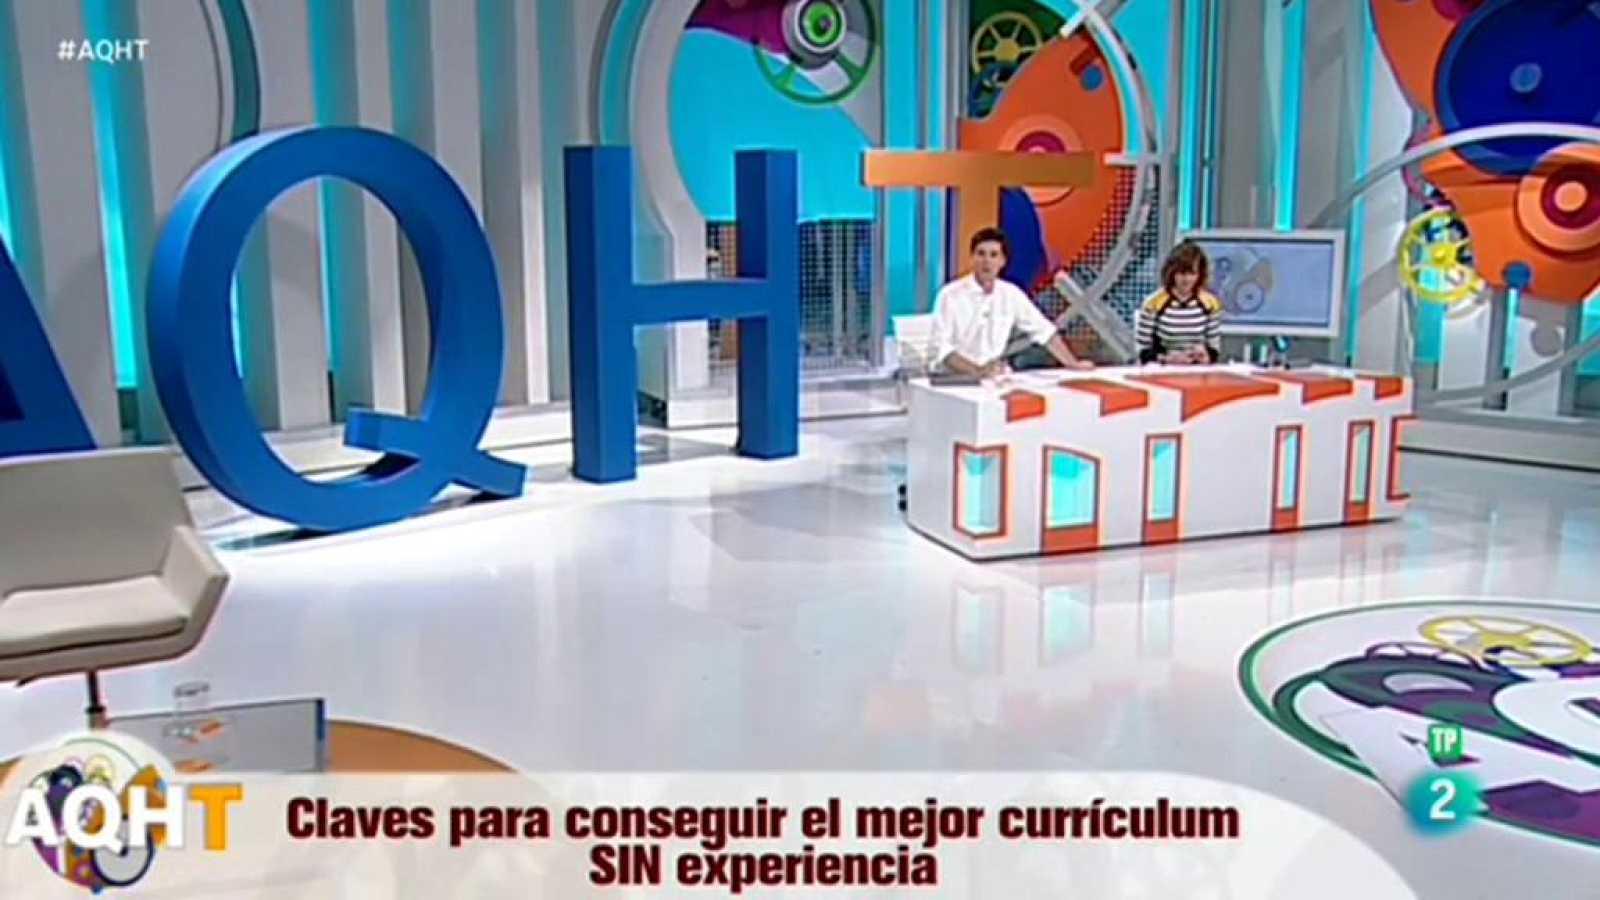 Claves para escribir un currículum SIN experiencia - RTVE.es